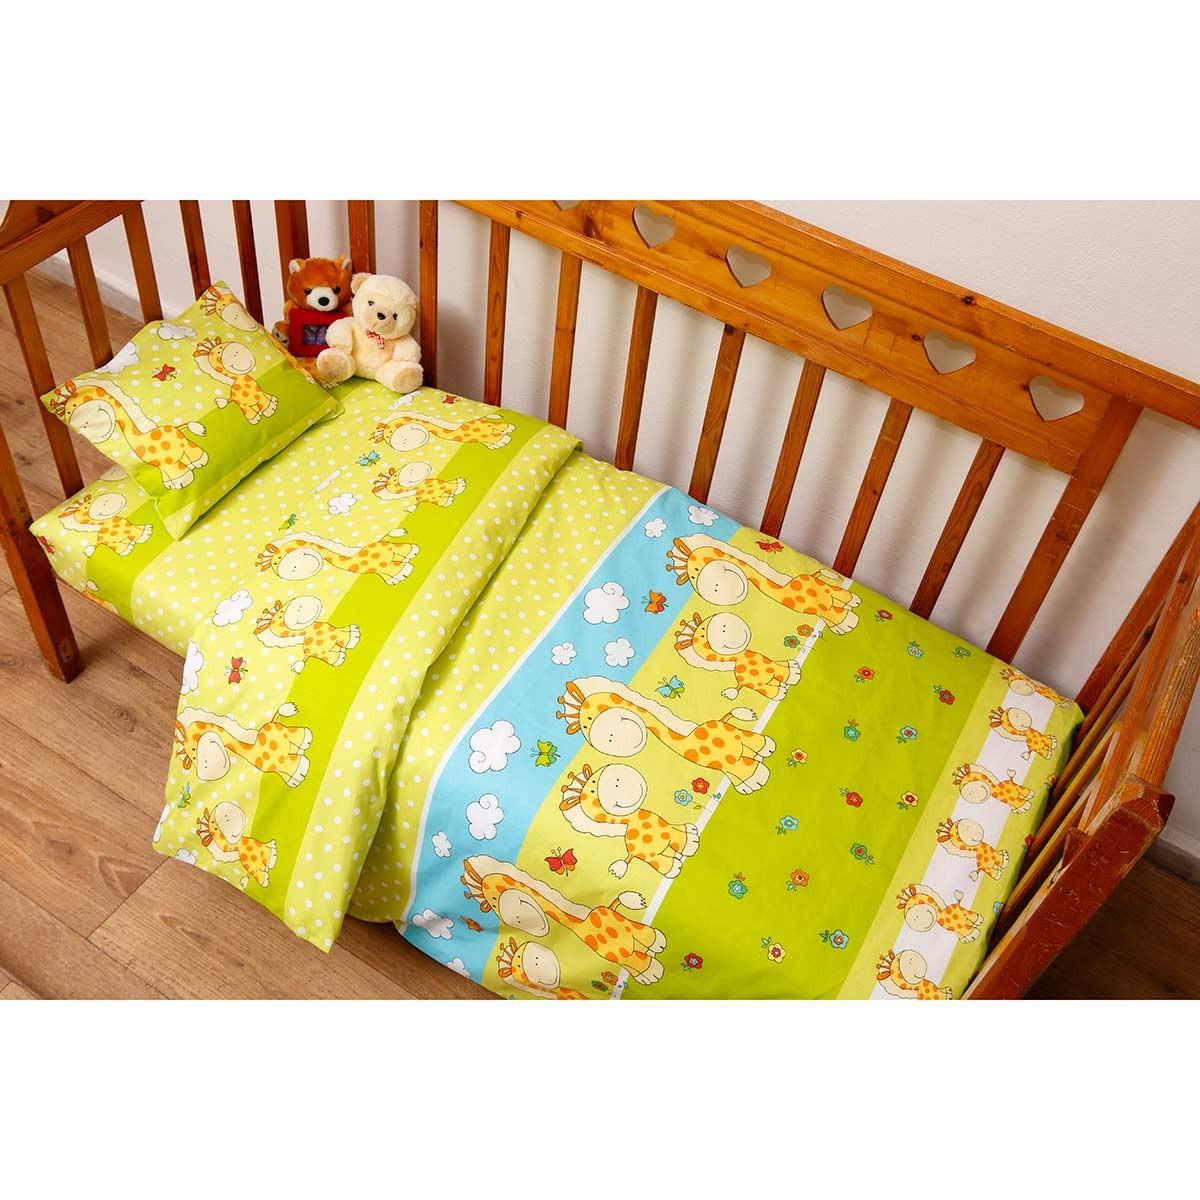 Σεντόνια Κούνιας (Σετ) Viopros Baby Cotton Ραφαέλ